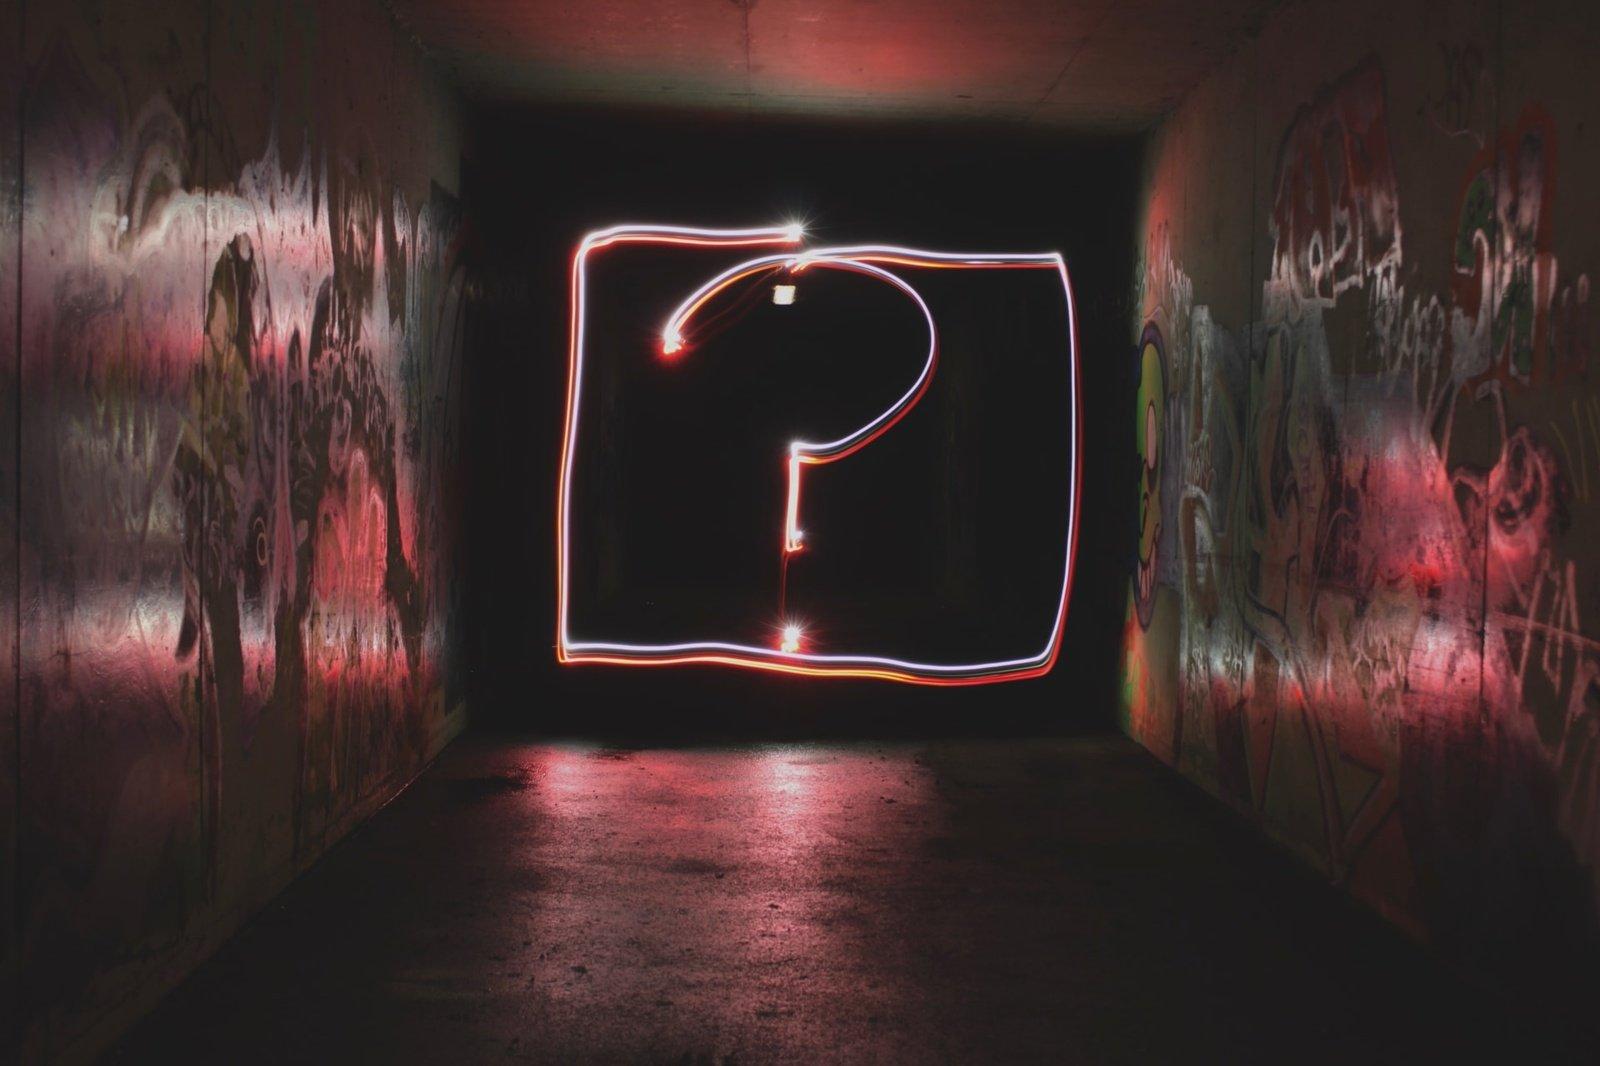 Vertimų biuras ar laisvai samdomas vertėjas: kam patikėti vertimą?